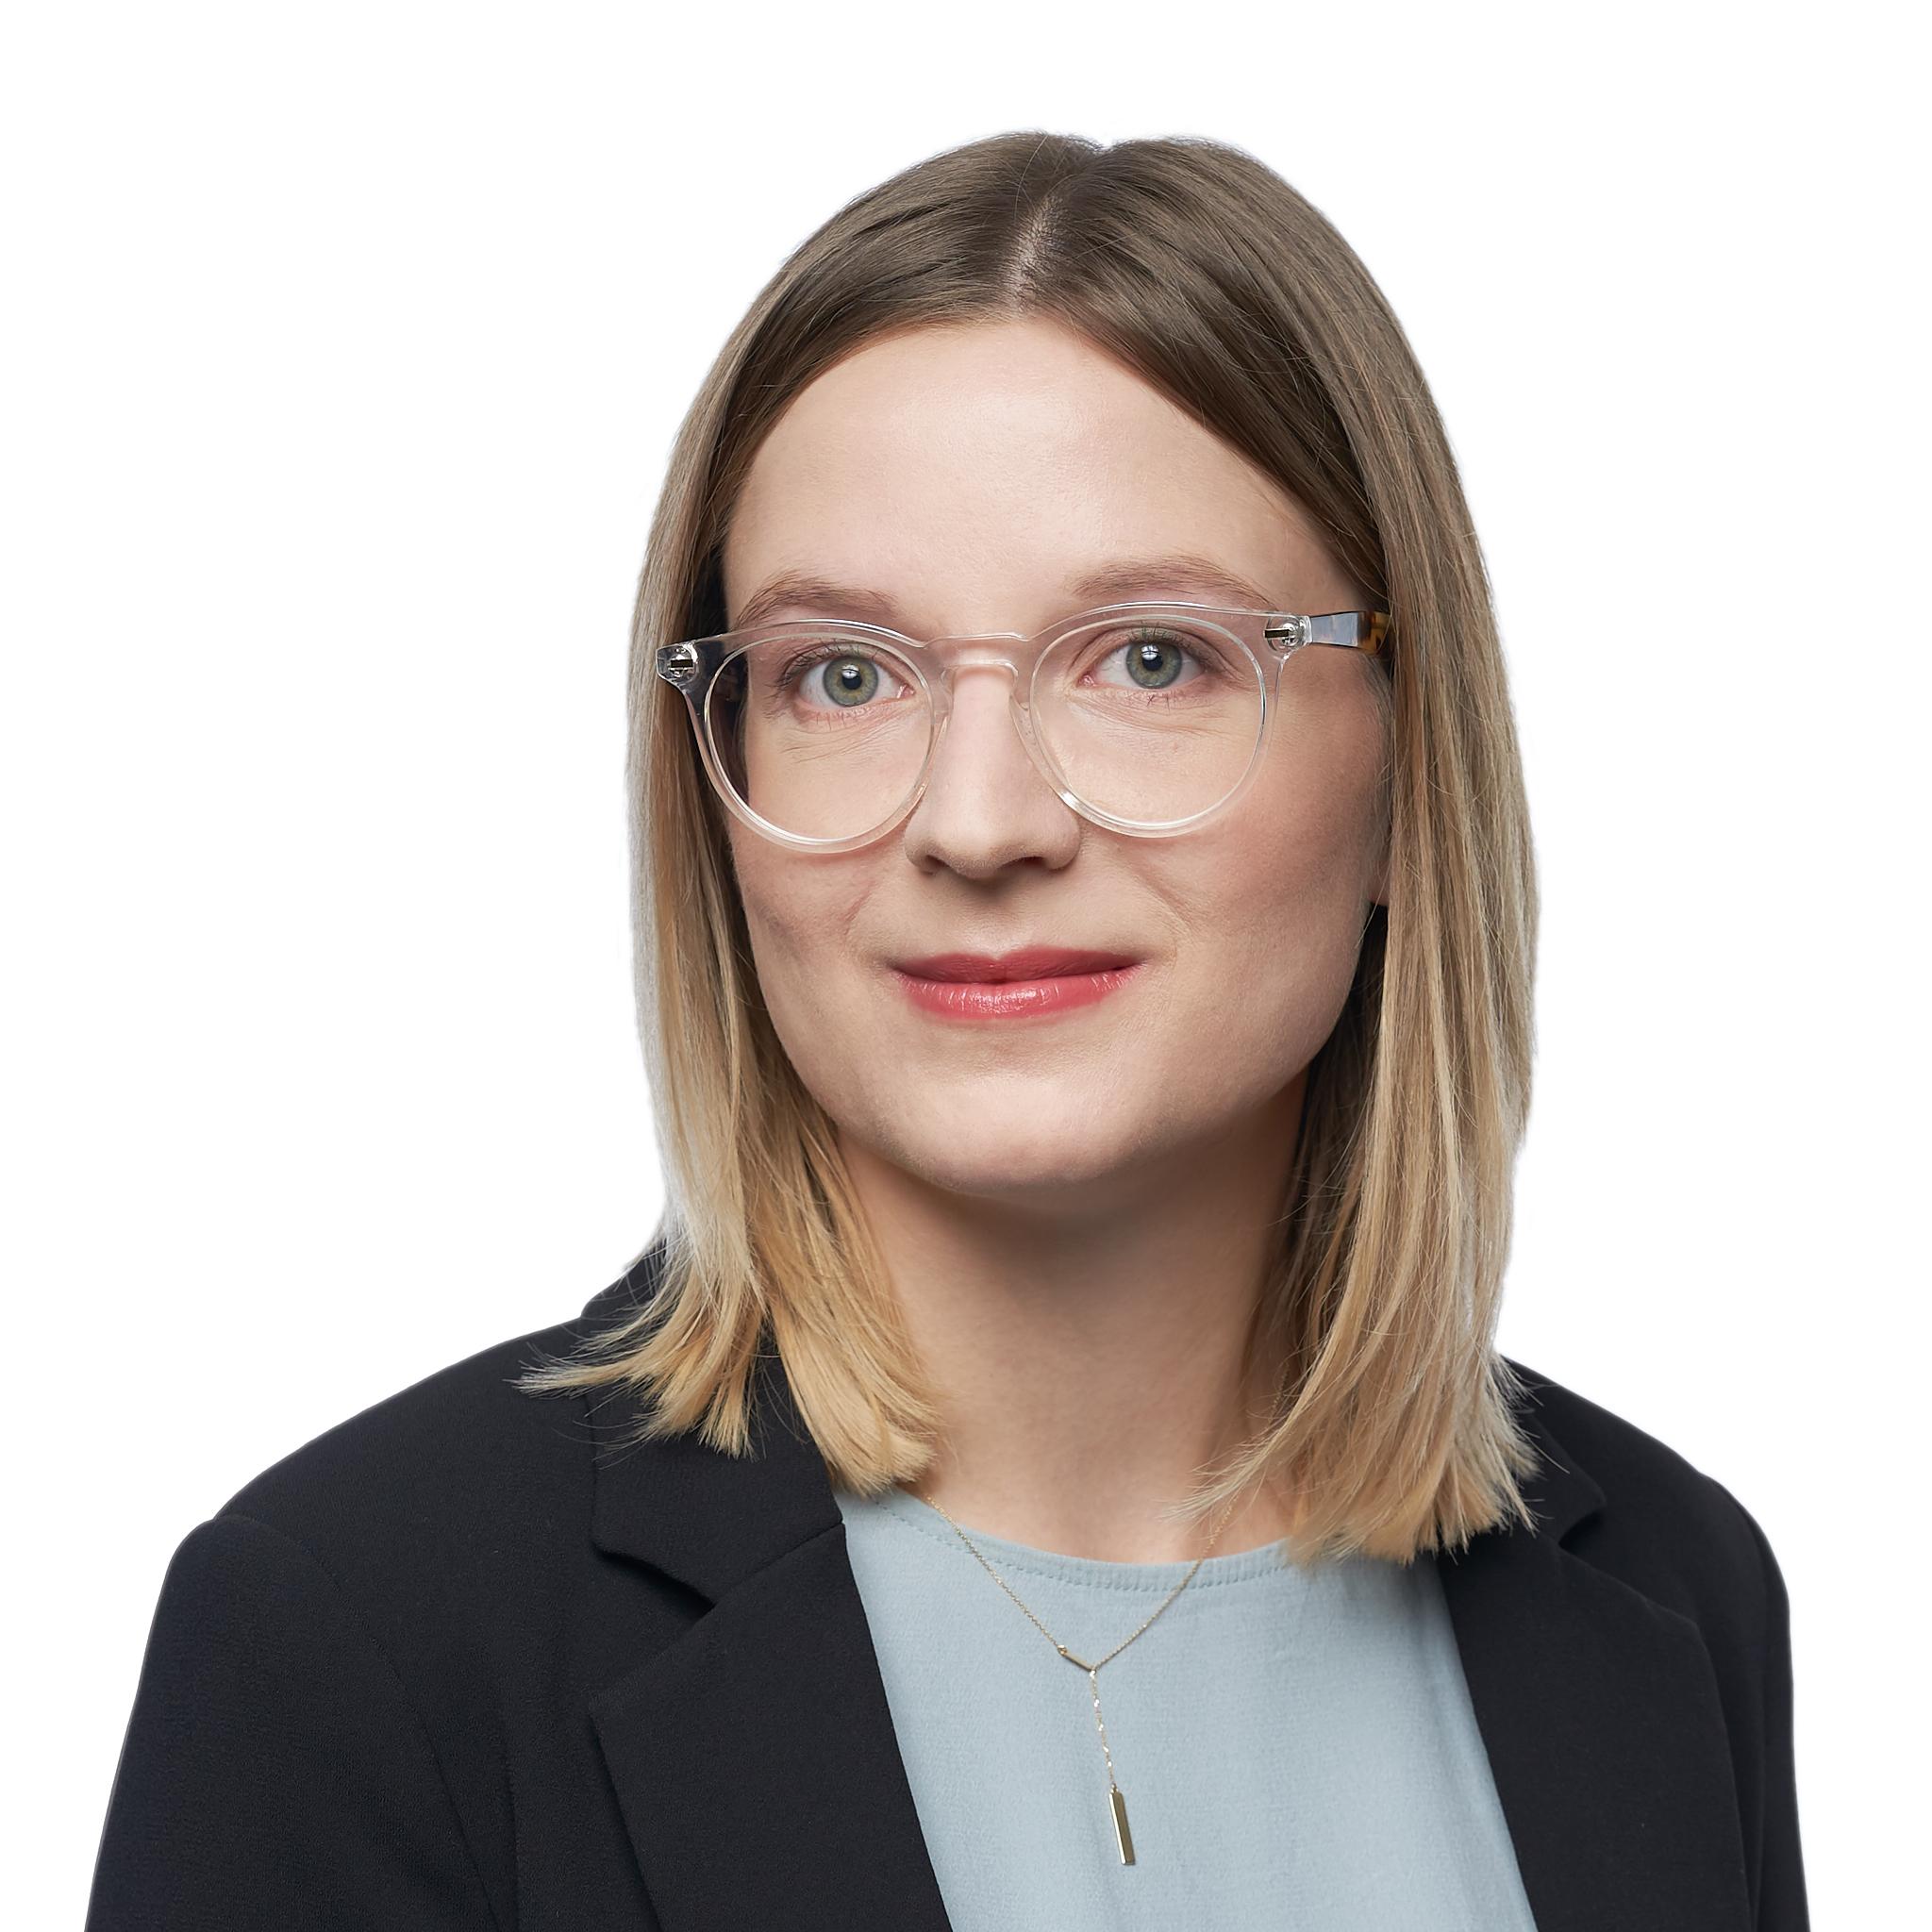 Karolina Brzezińska